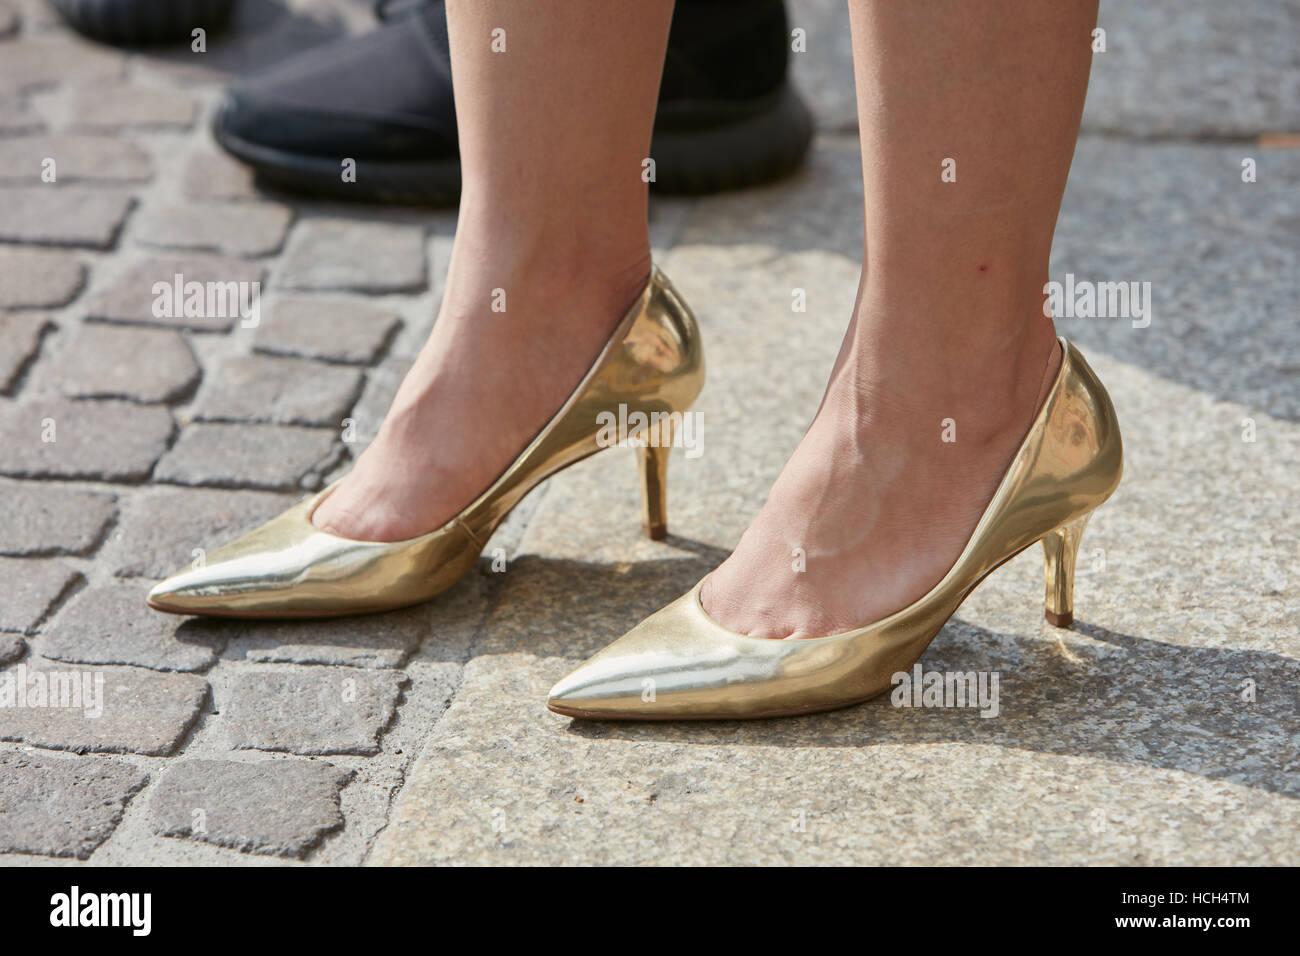 Prima Tacco Scarpe Con Donna Show Oro Lucido Giamba Di Alto Fashion ptY7qR